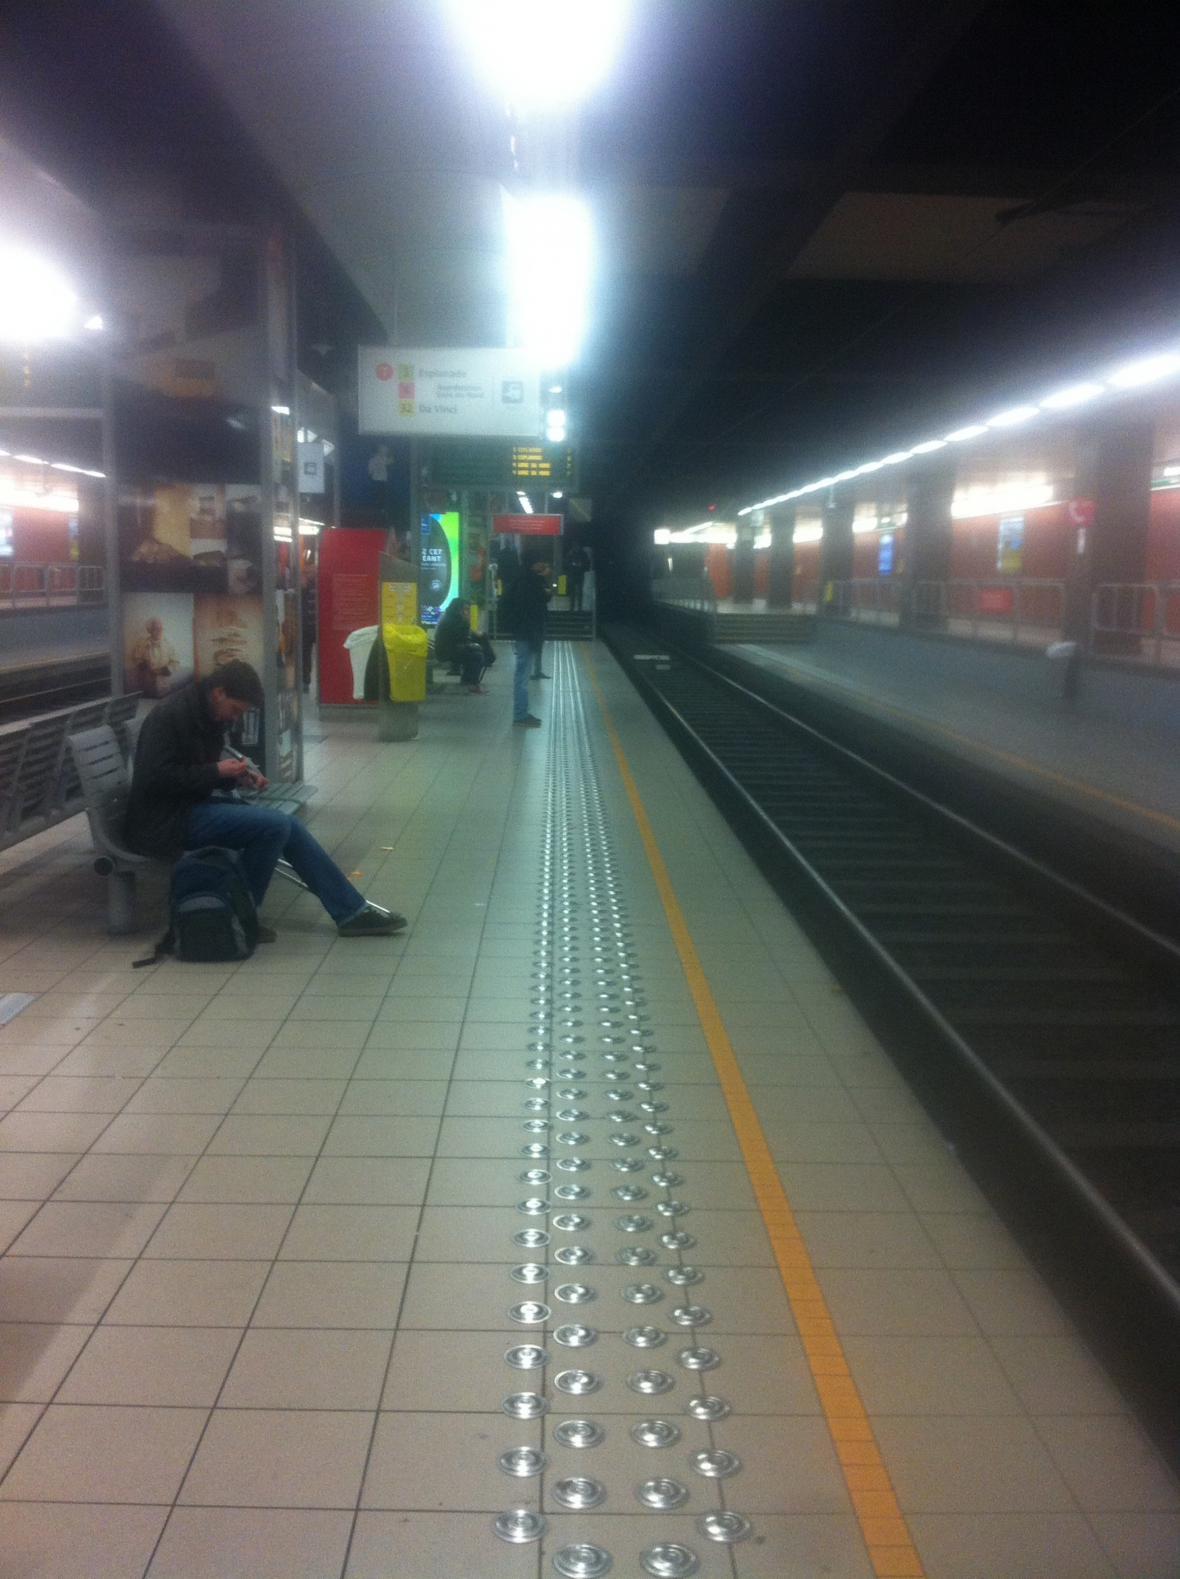 Poloprázdná stanice metra a všichni v ruce drží telefony